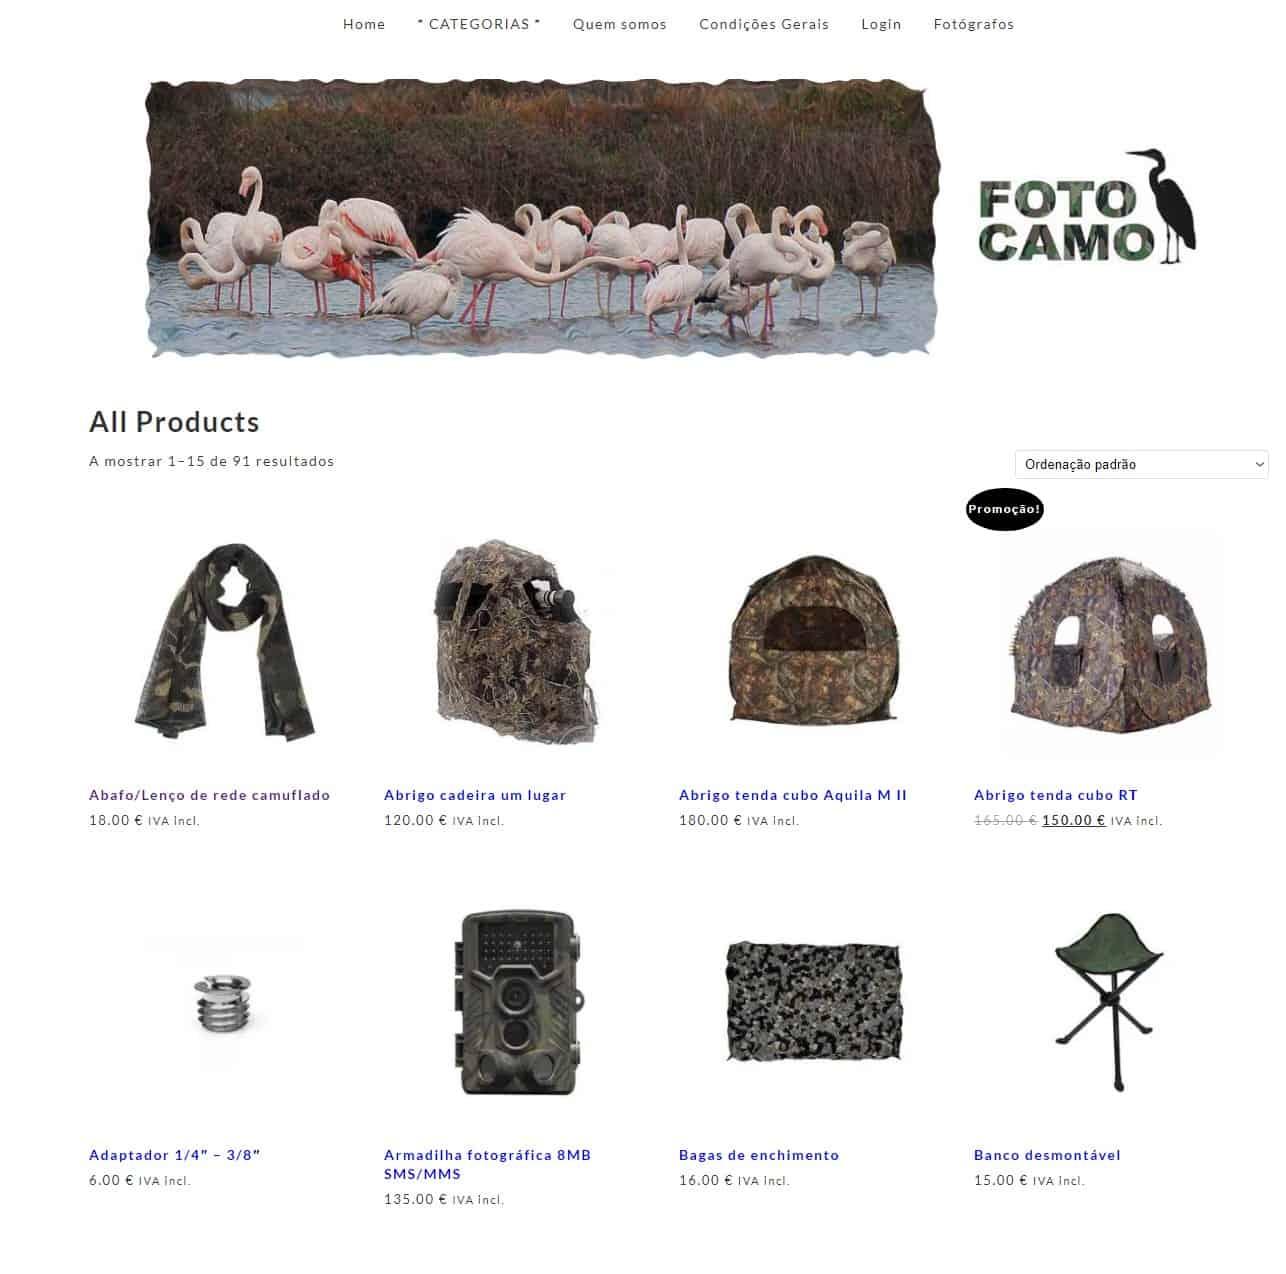 fotocamo.com